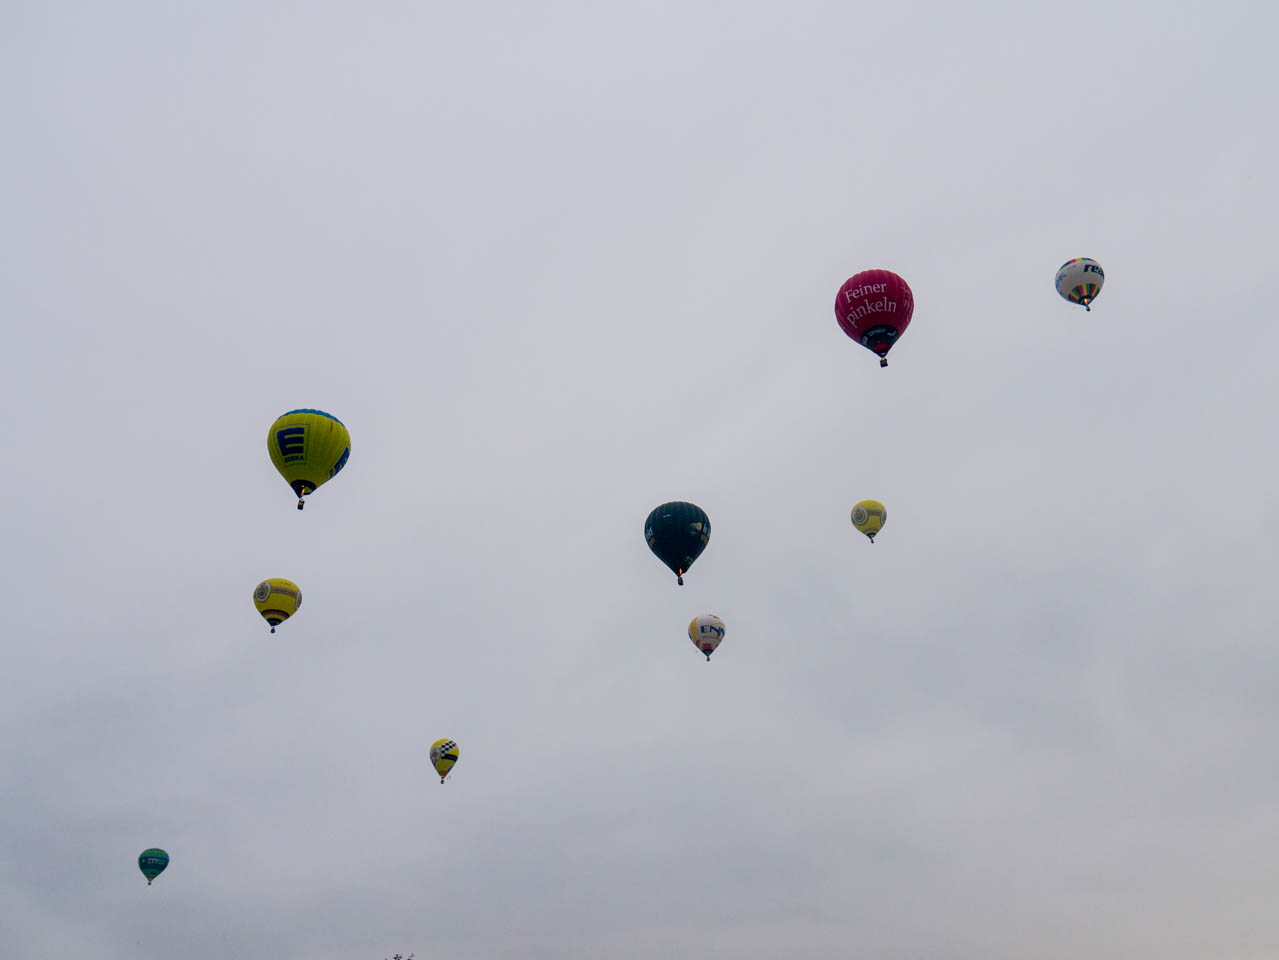 Ballone am Himmel (1 von 1)